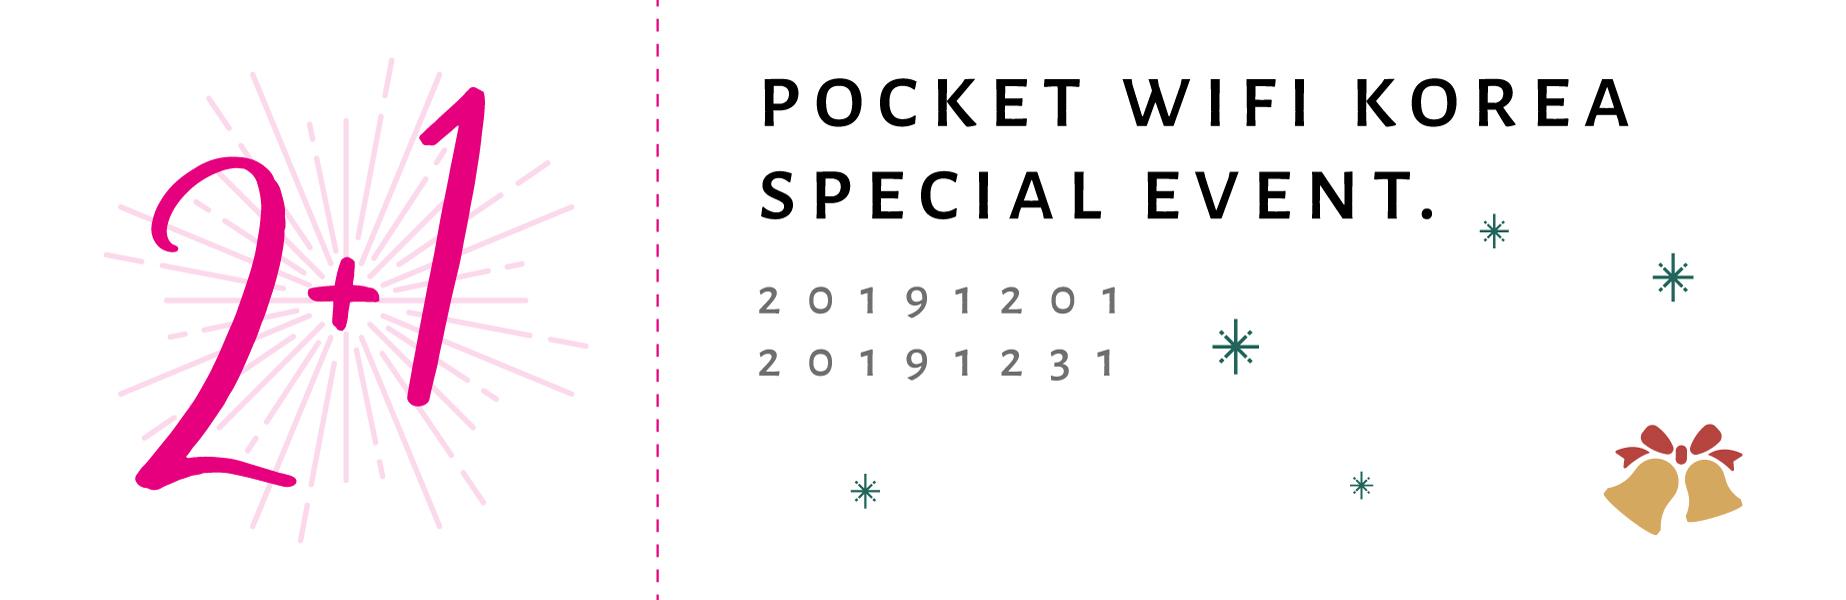 2019-상설-이벤트-배너-12월